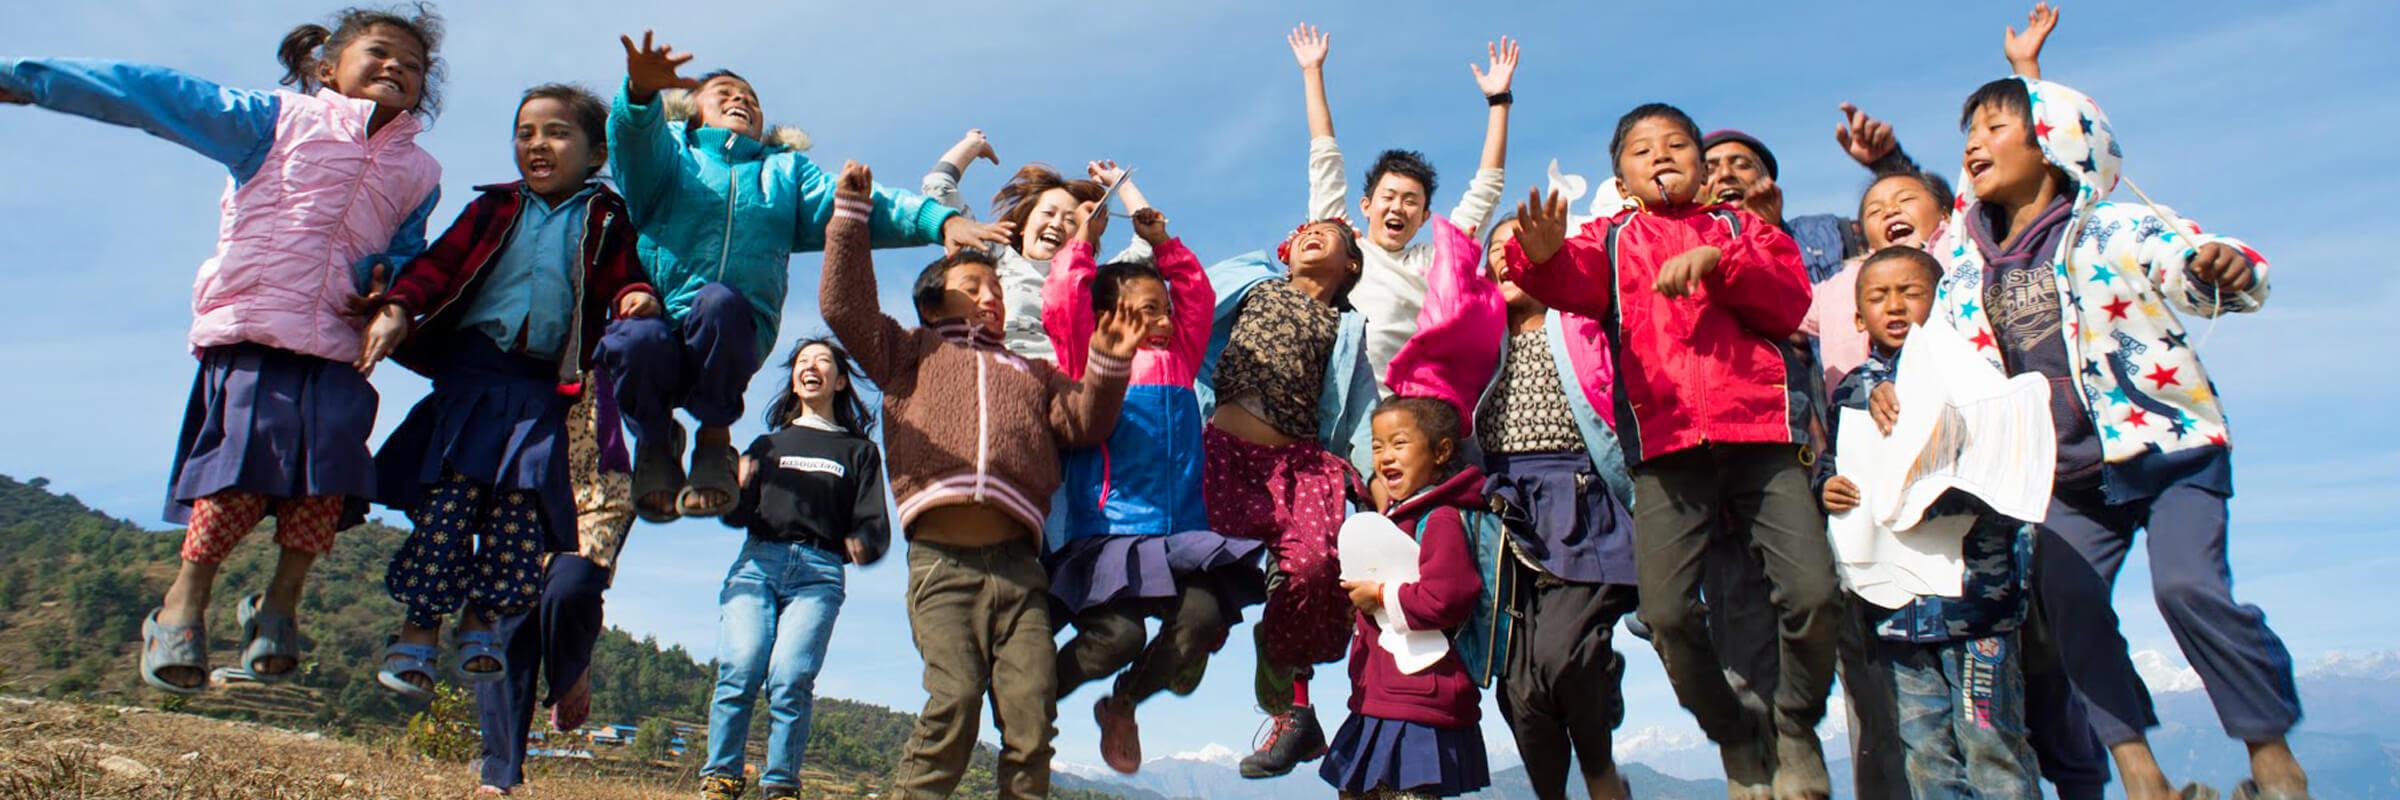 第五回クレヨンプロジェクト in ネパール #3 #4